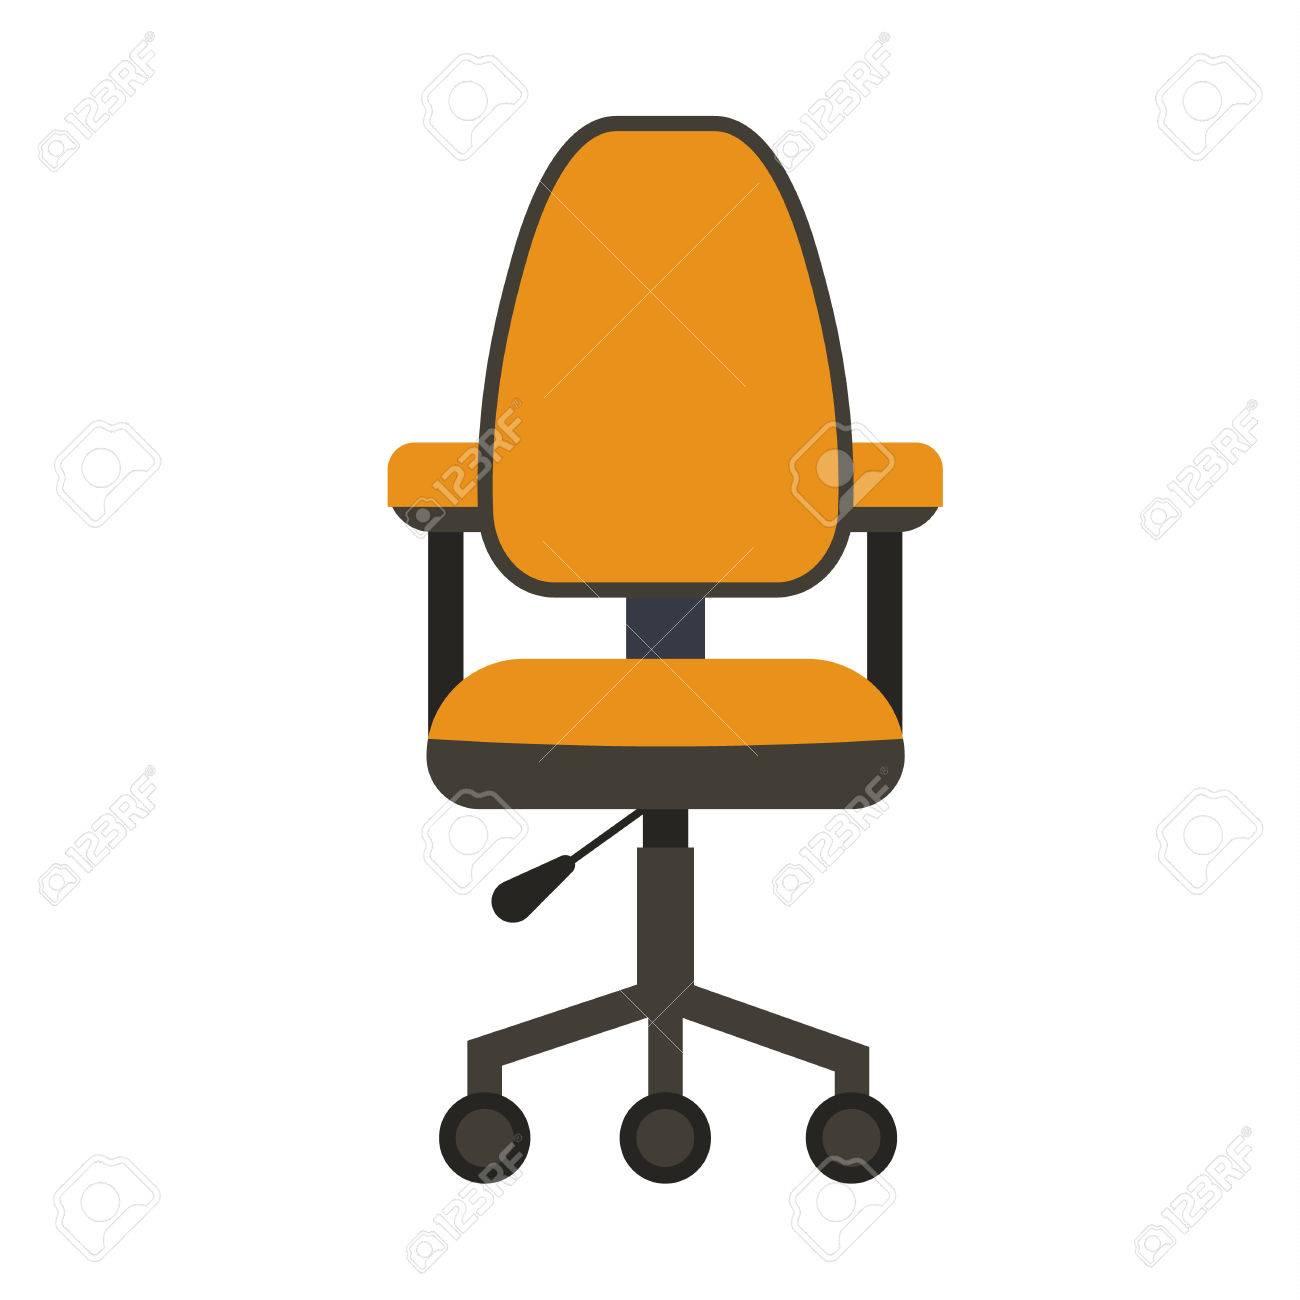 Bande BureauColorful De Icône Dessinée Chaise Bureau PlatVector IllustrationConcept by67Yfgv